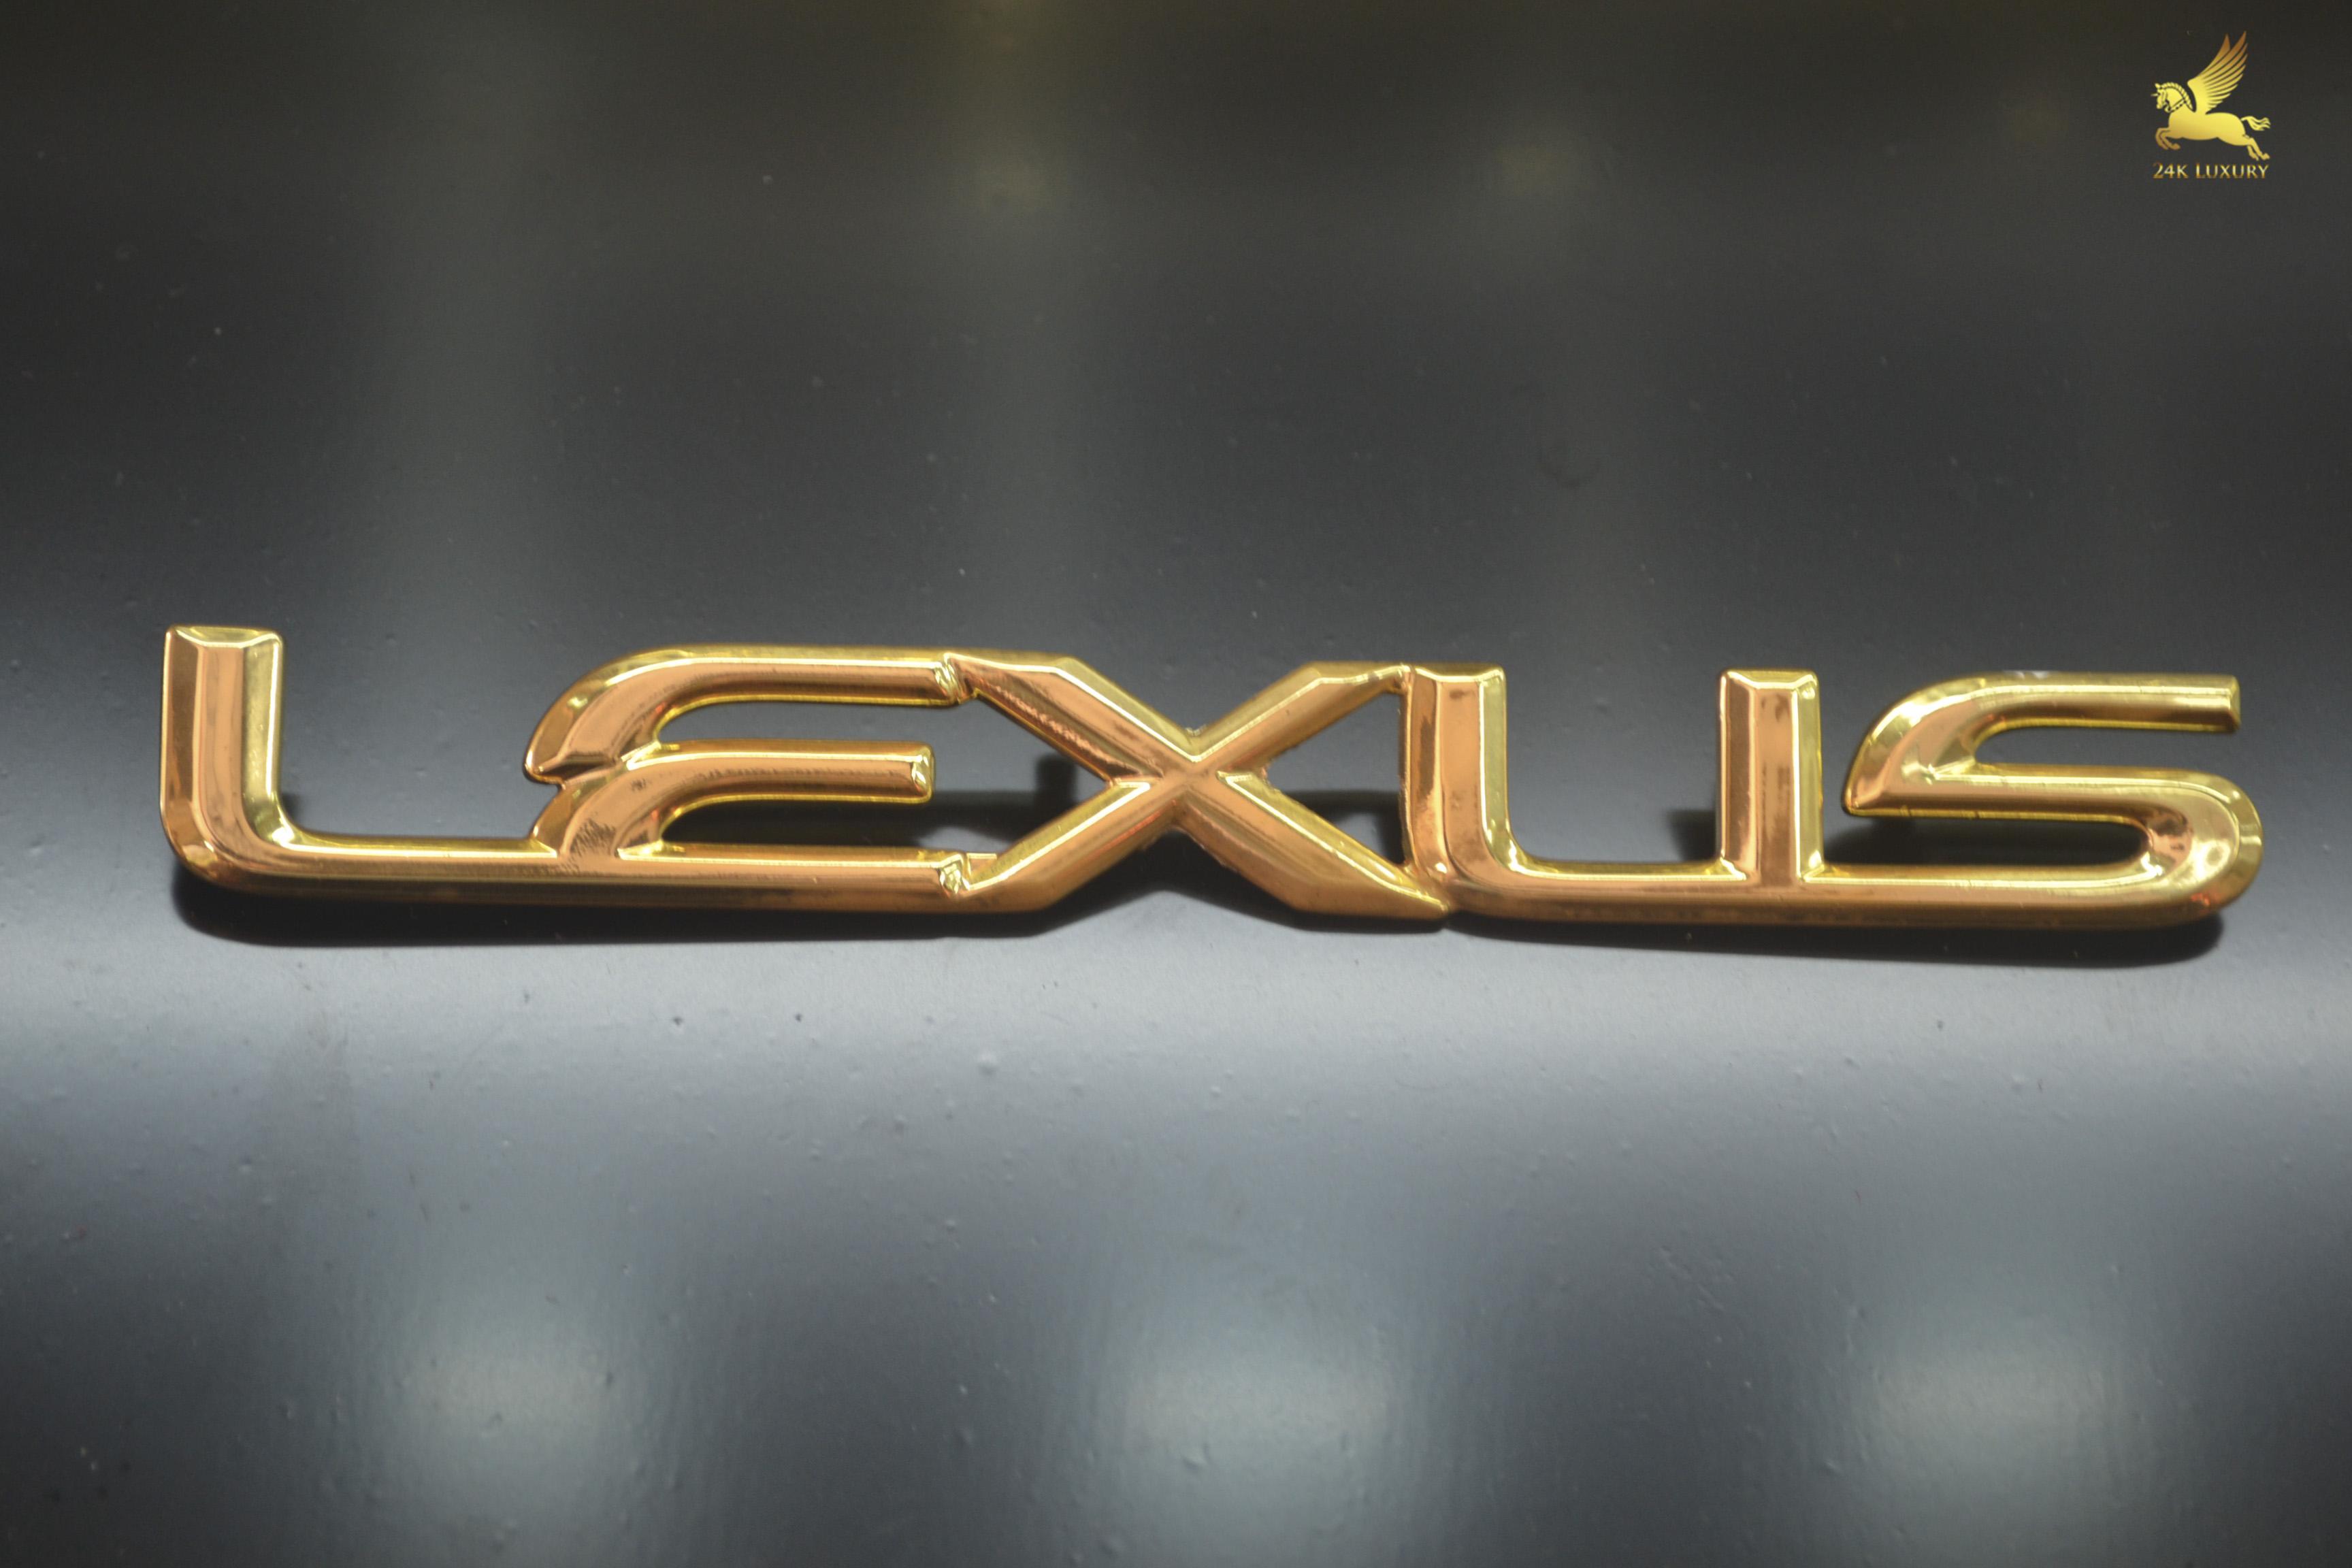 Bộ chữ Lexus mạ vàng tại Vina Gold Art